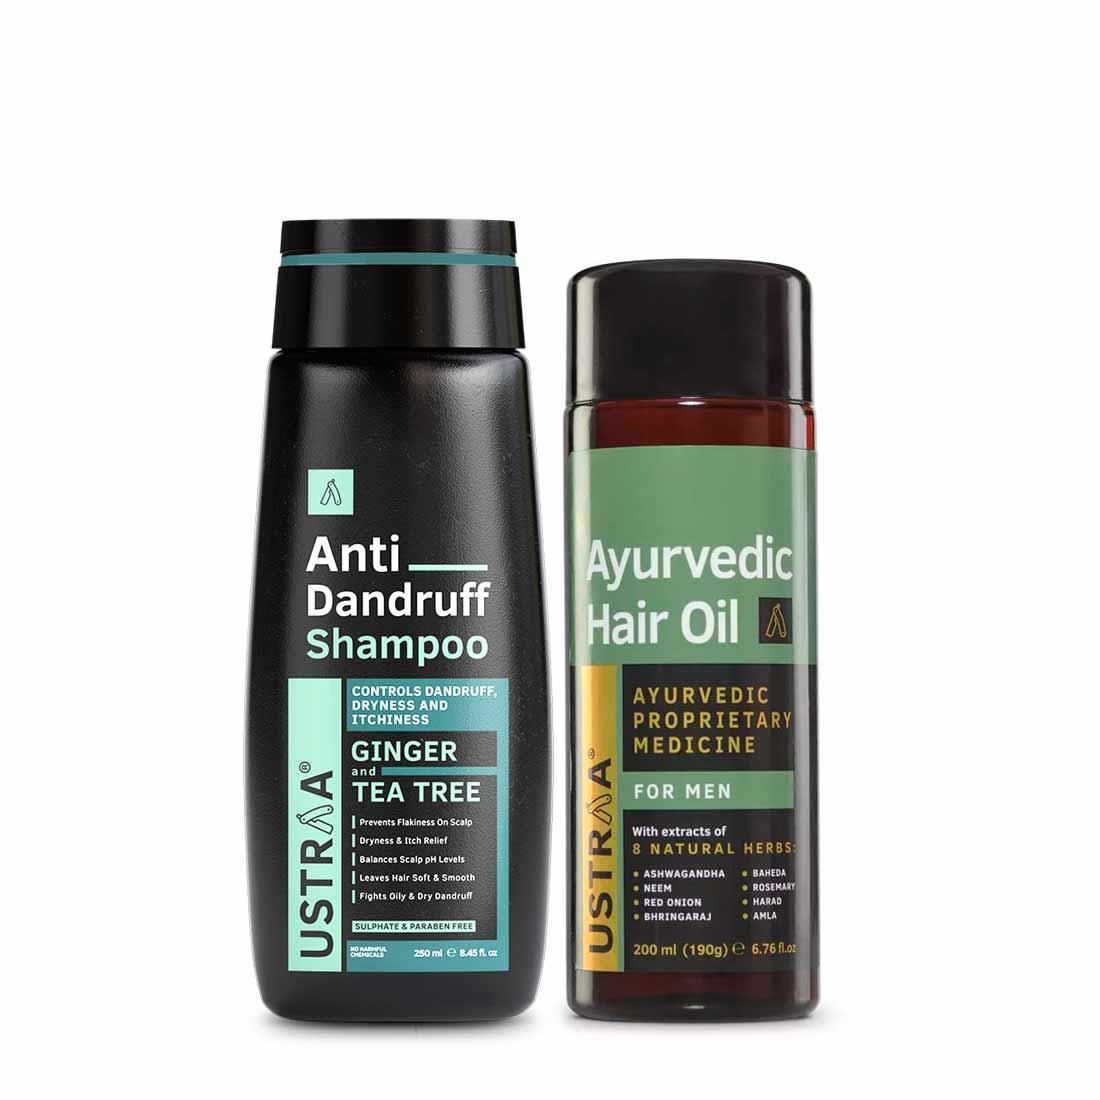 Ayurvedic Hair Oil & Anti Dandruff Hair Shampoo